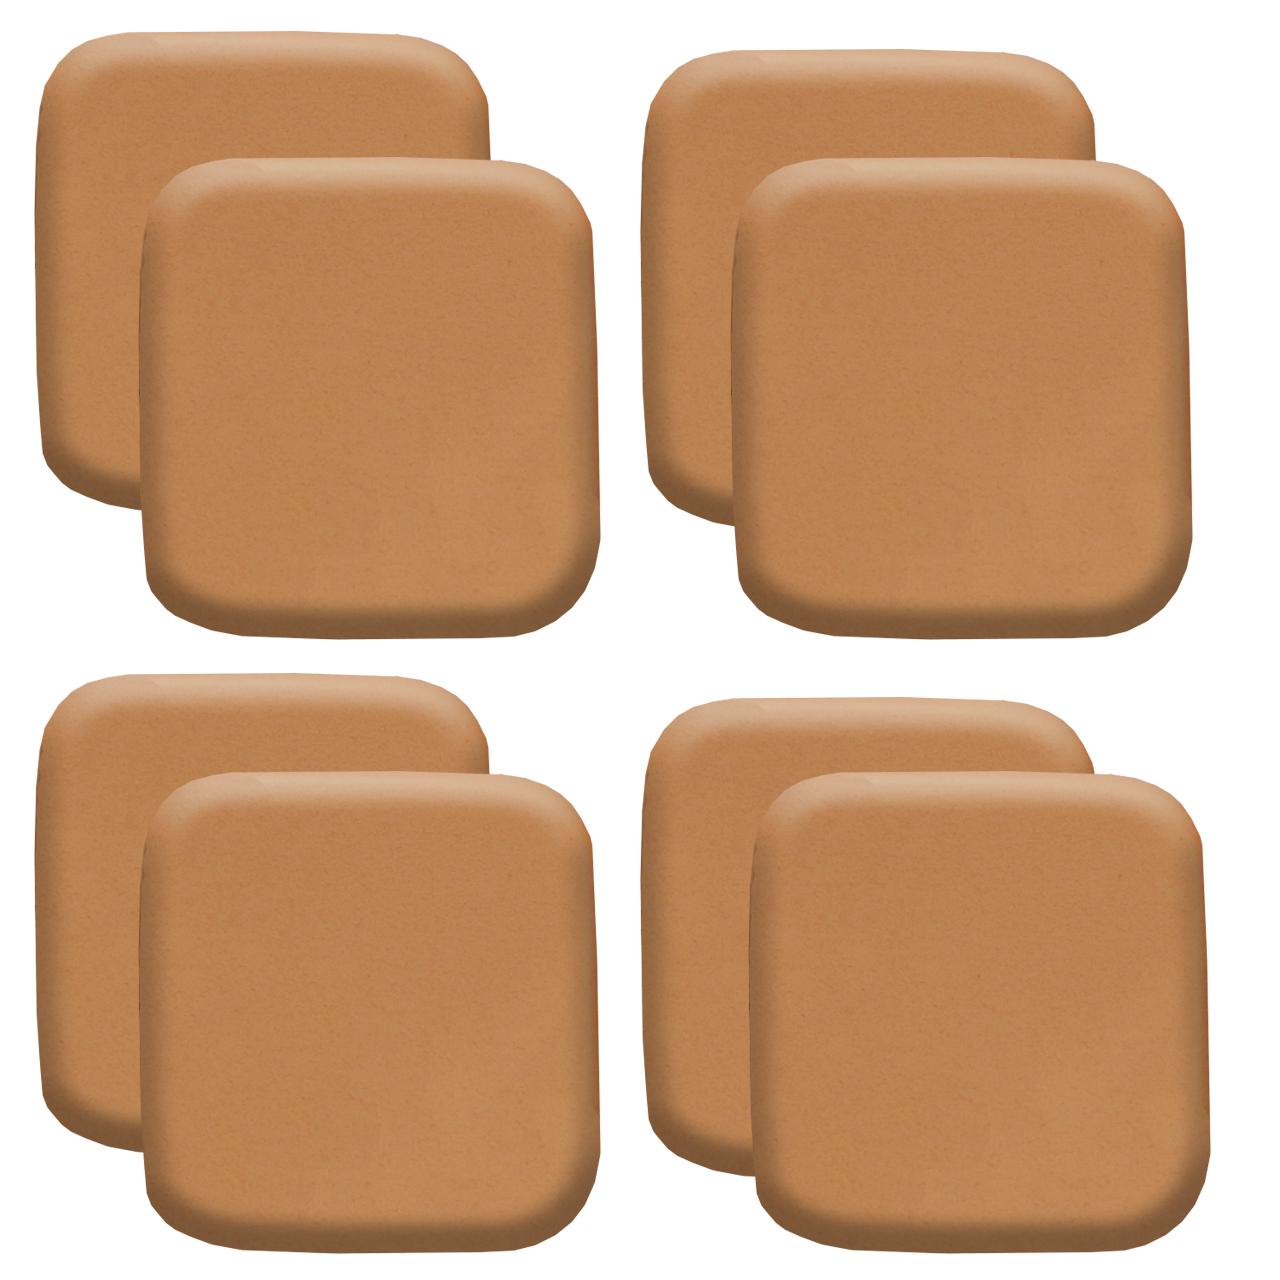 پد آرایشی گرین فیس مدل 173 بسته 8 عددی